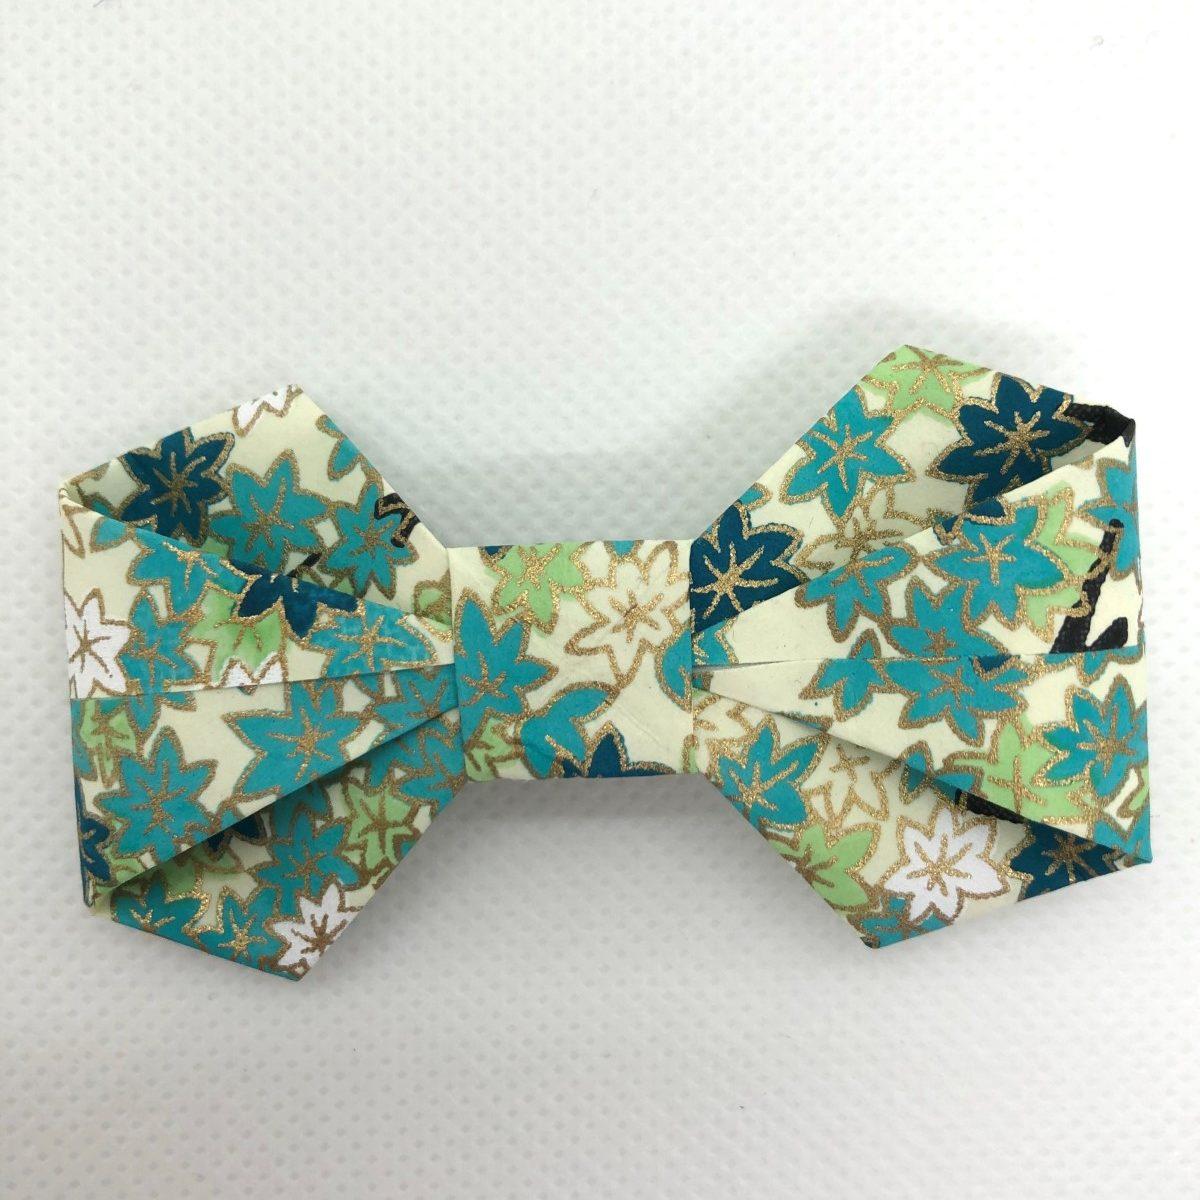 Barrette avec nœud en origami bleu turquoise